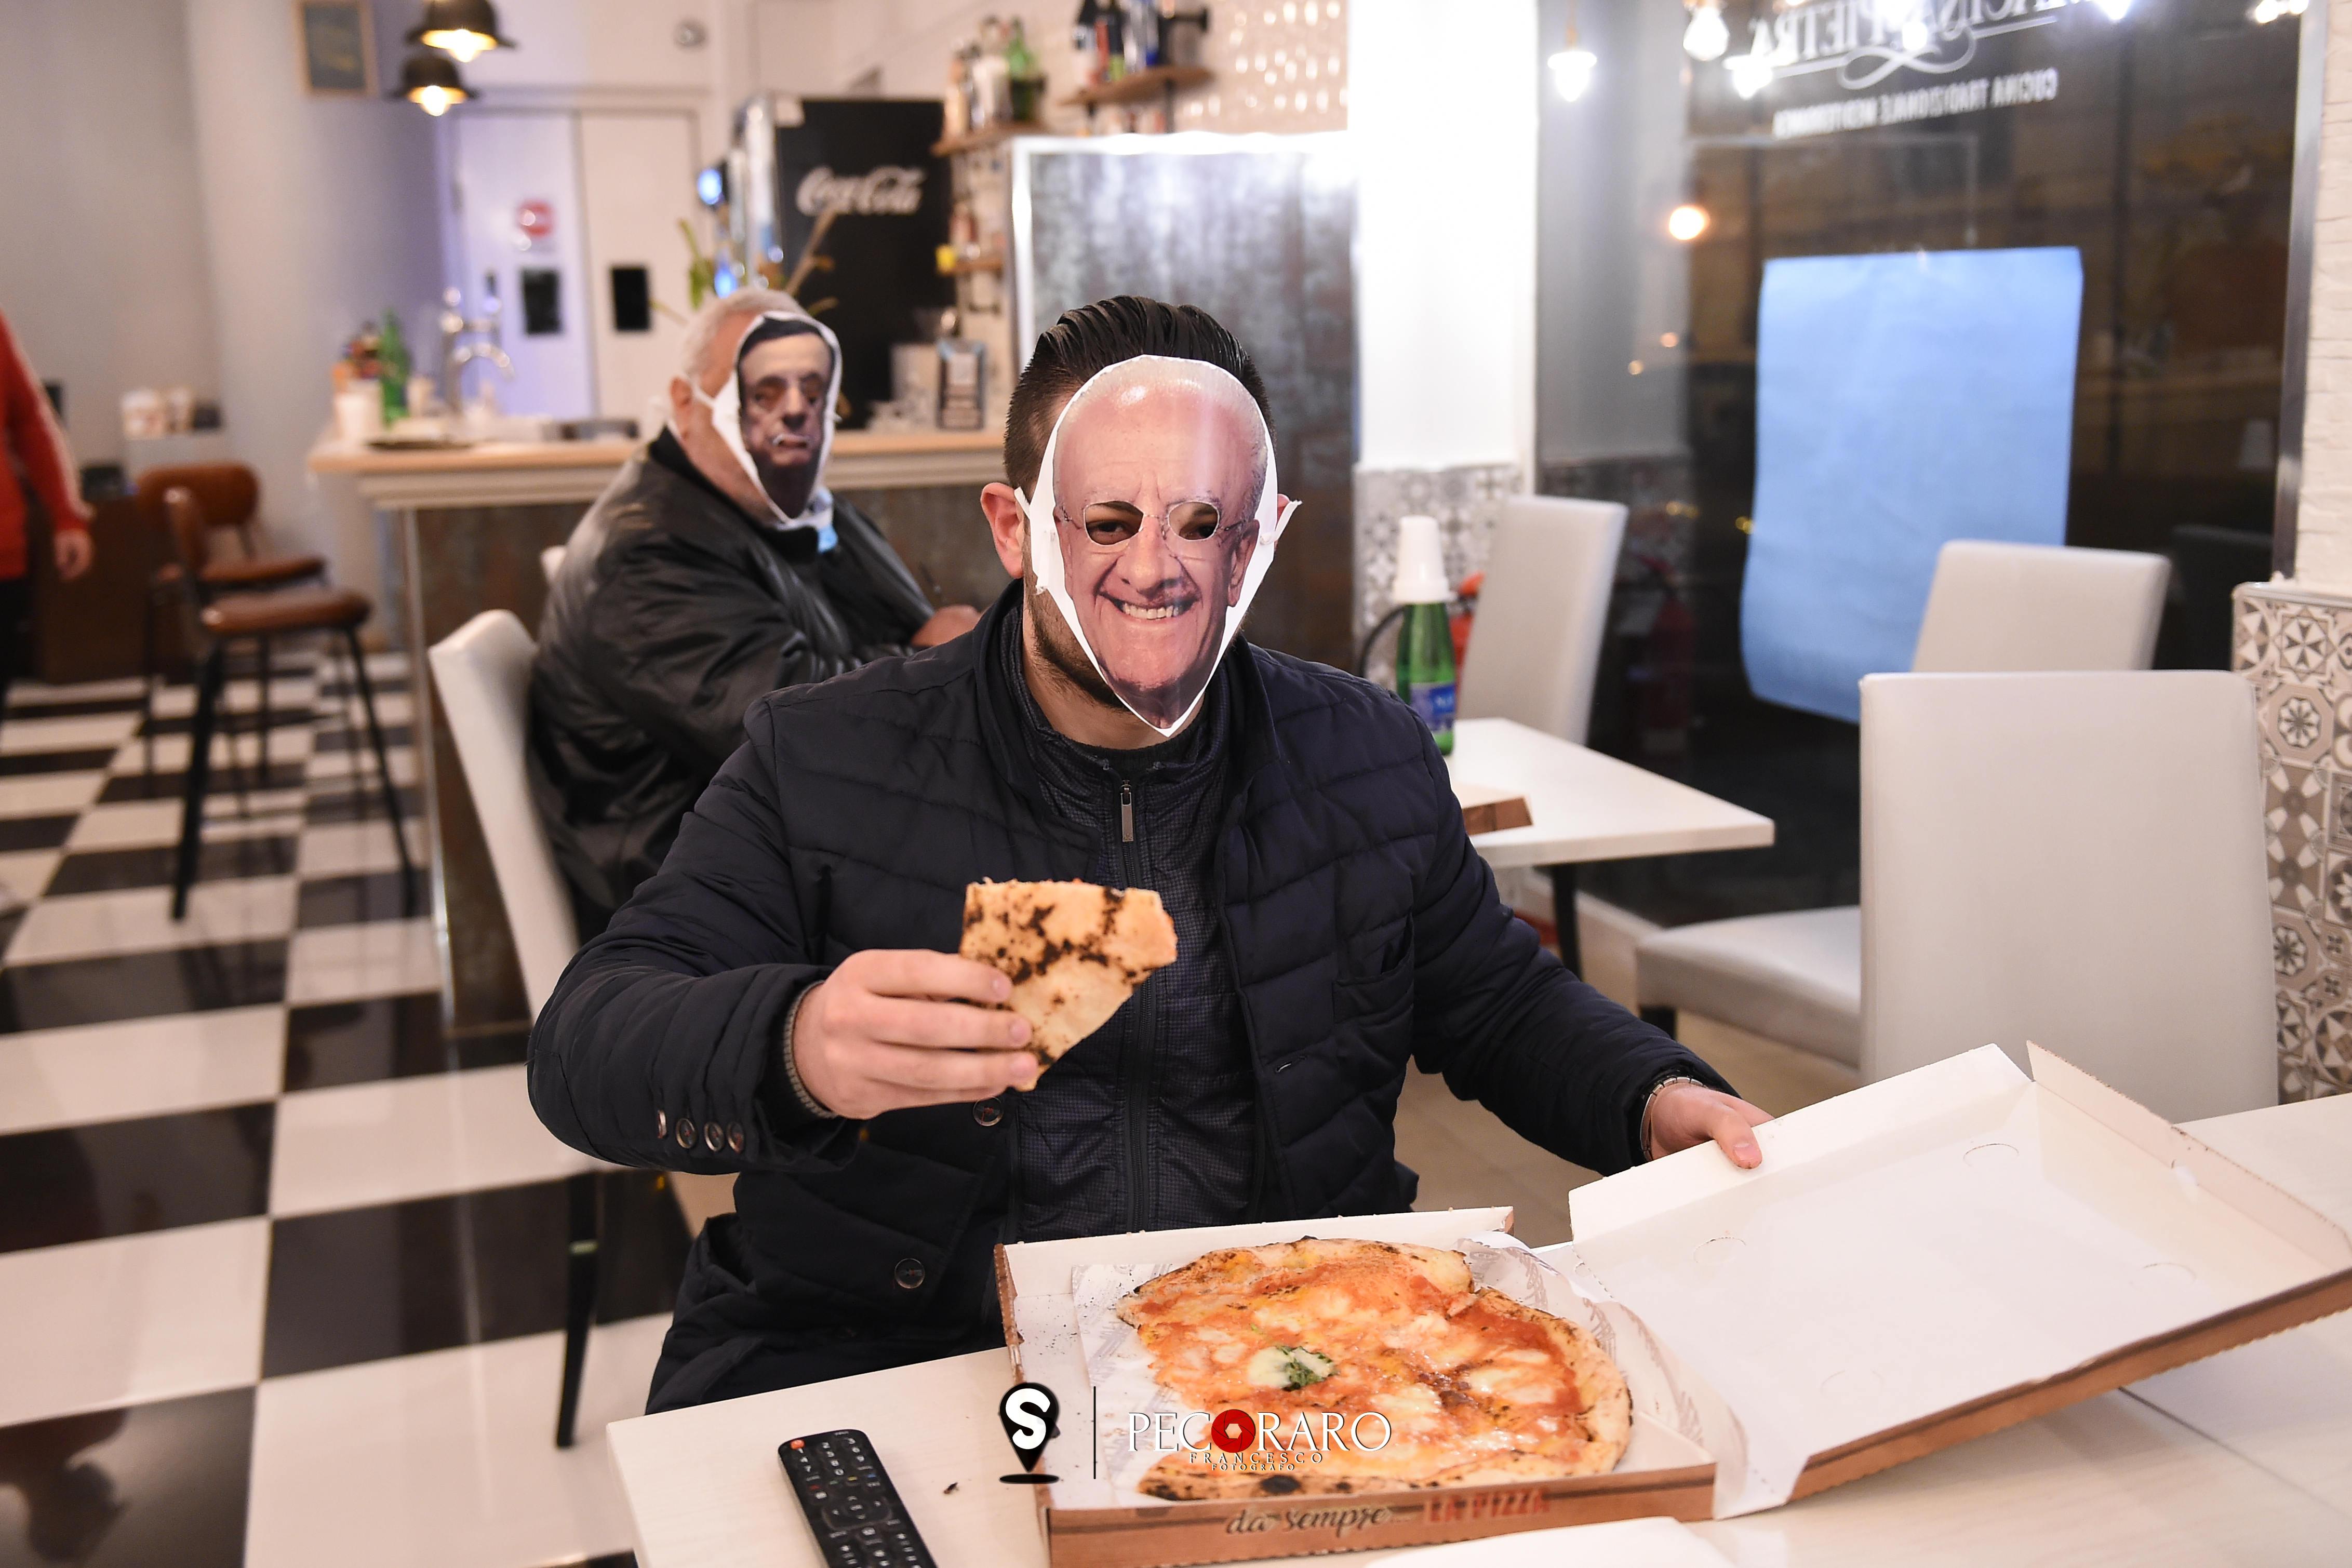 protesta ristoratori in una pizzerai del centro di salerno, arriva la Polizia